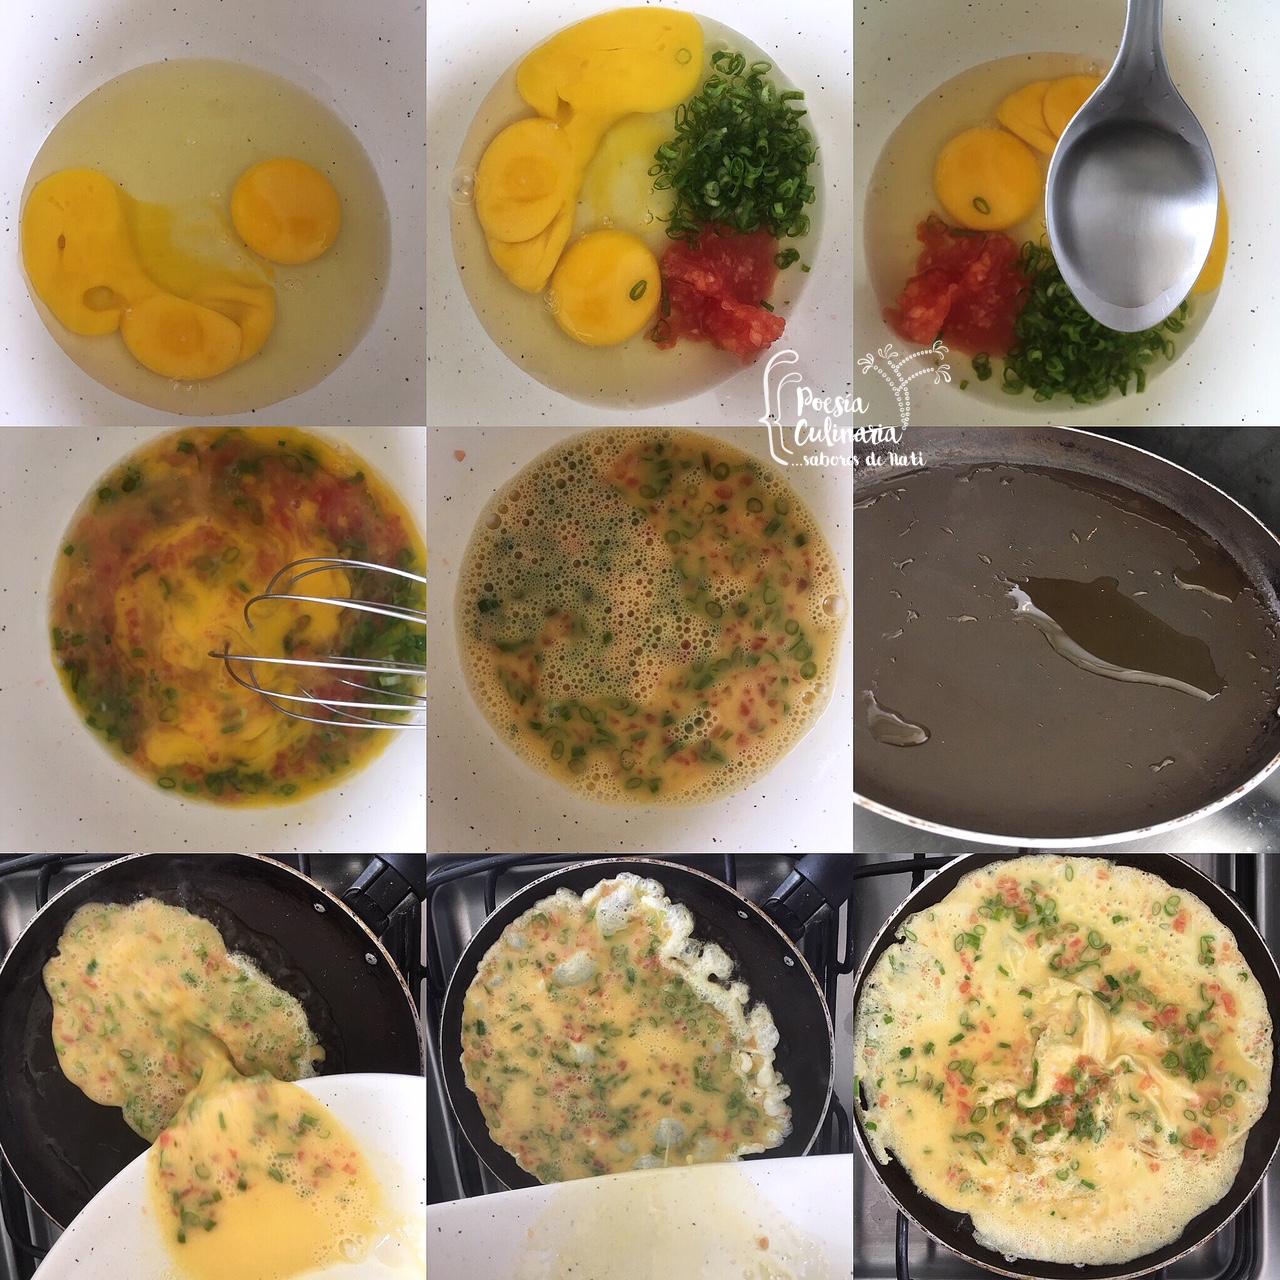 Paladares sabores de nati donburi de tortilla de for 3 cocinar un huevo sin fuego